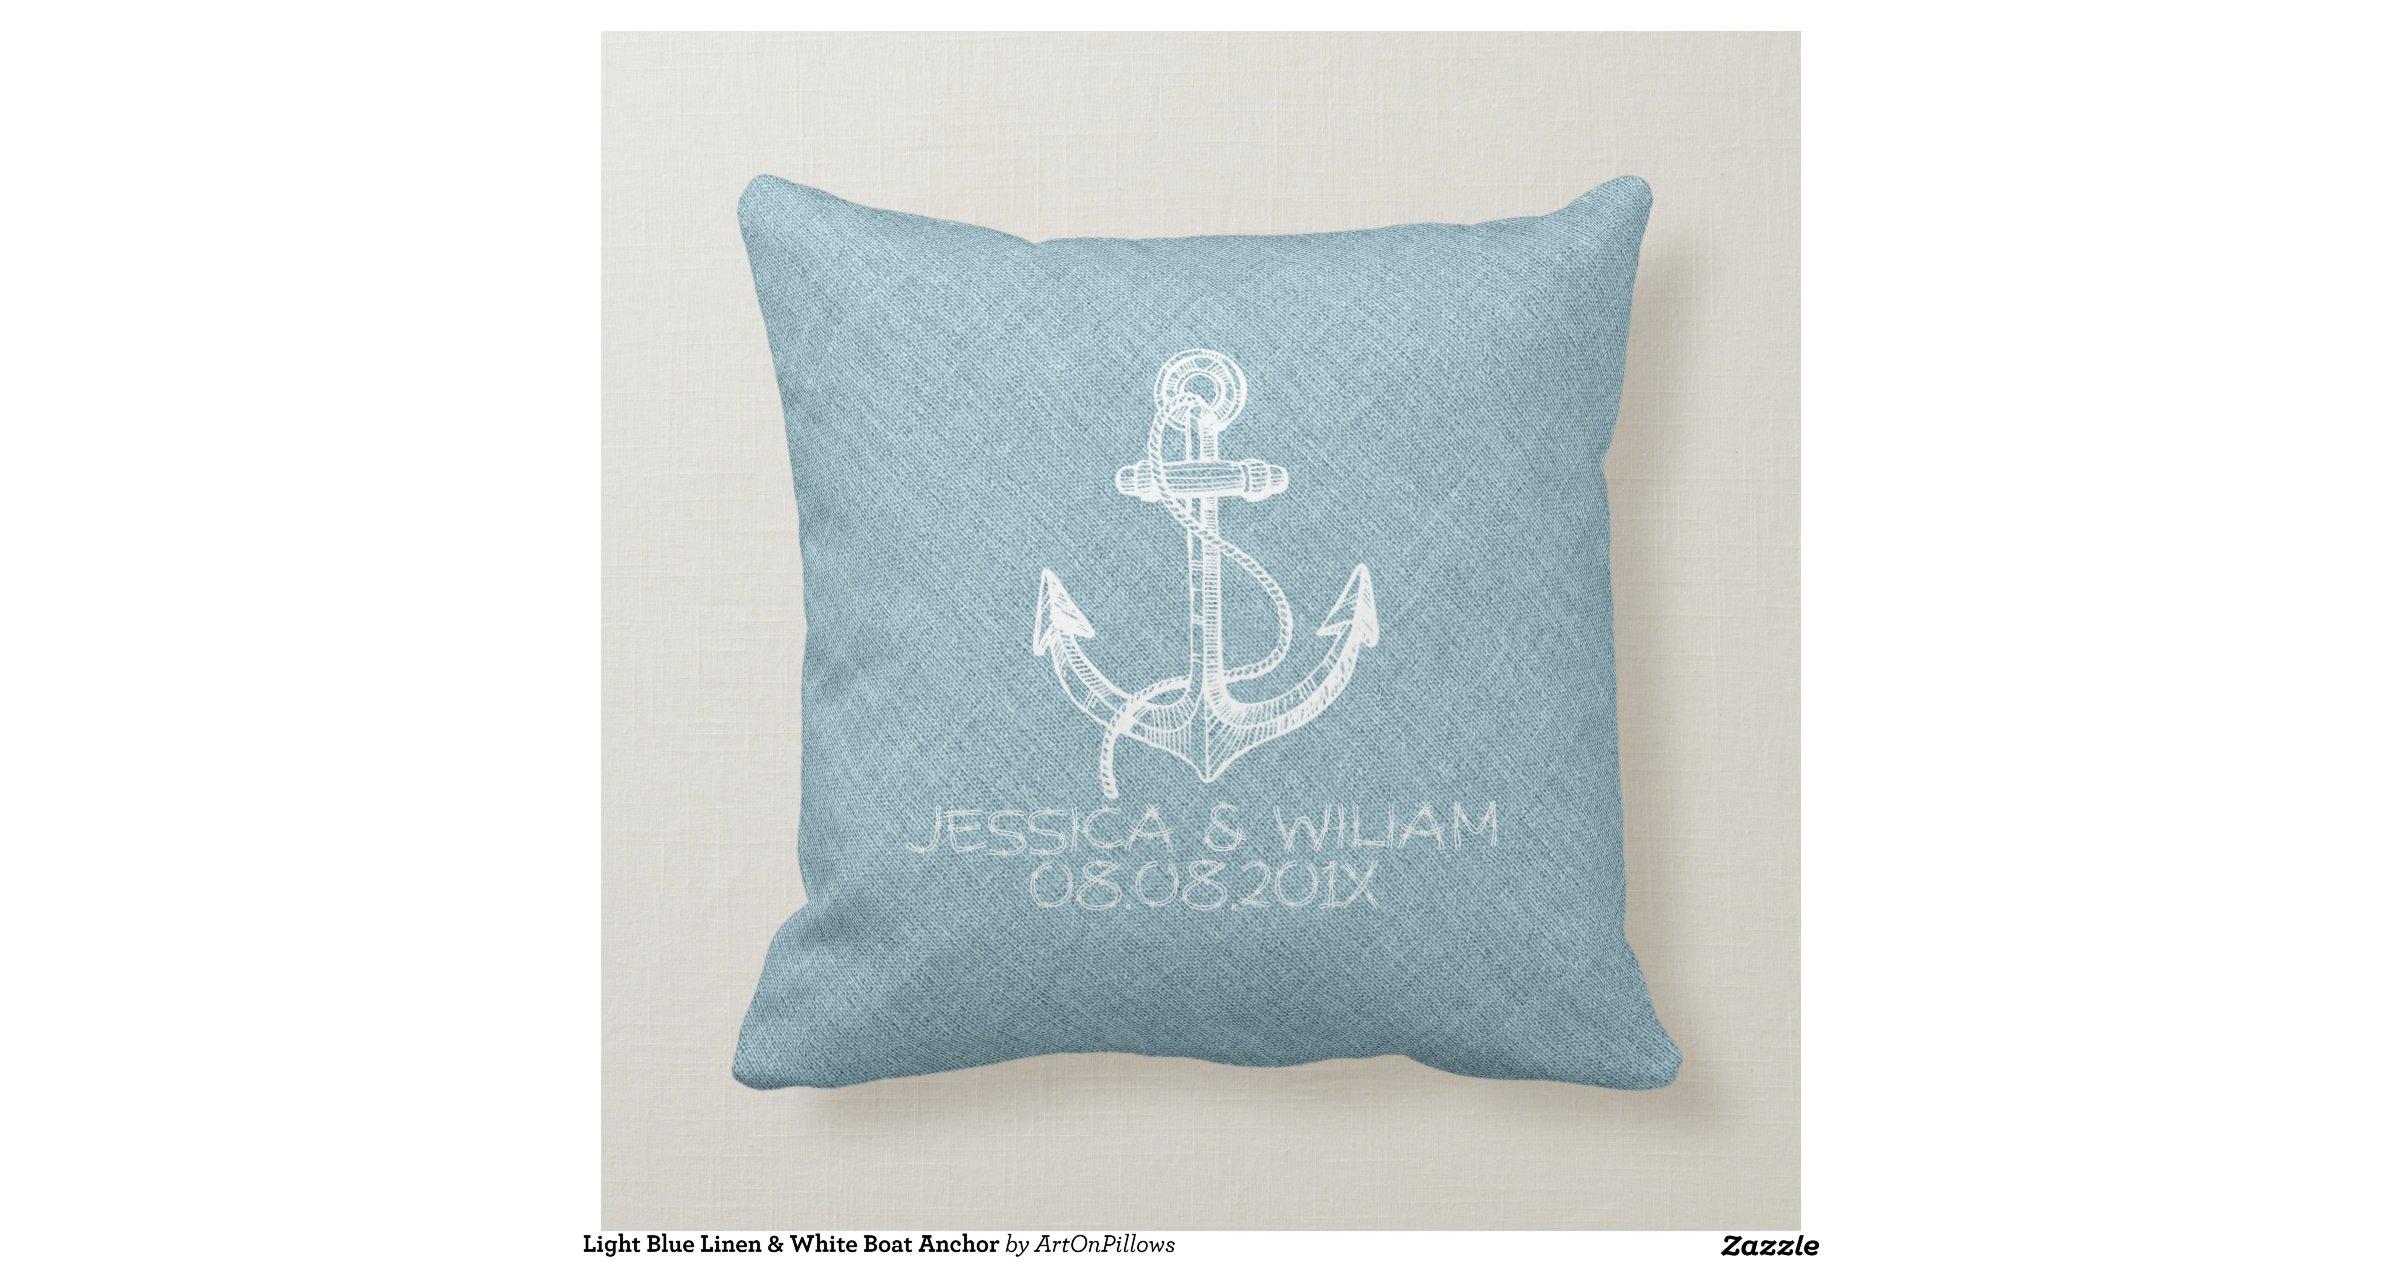 light_blue_linen_white_boat_anchor_throw_pillows-rbb65d9ceef7c474cbe9a38051d611d6f_i5f0b_8byvr ...